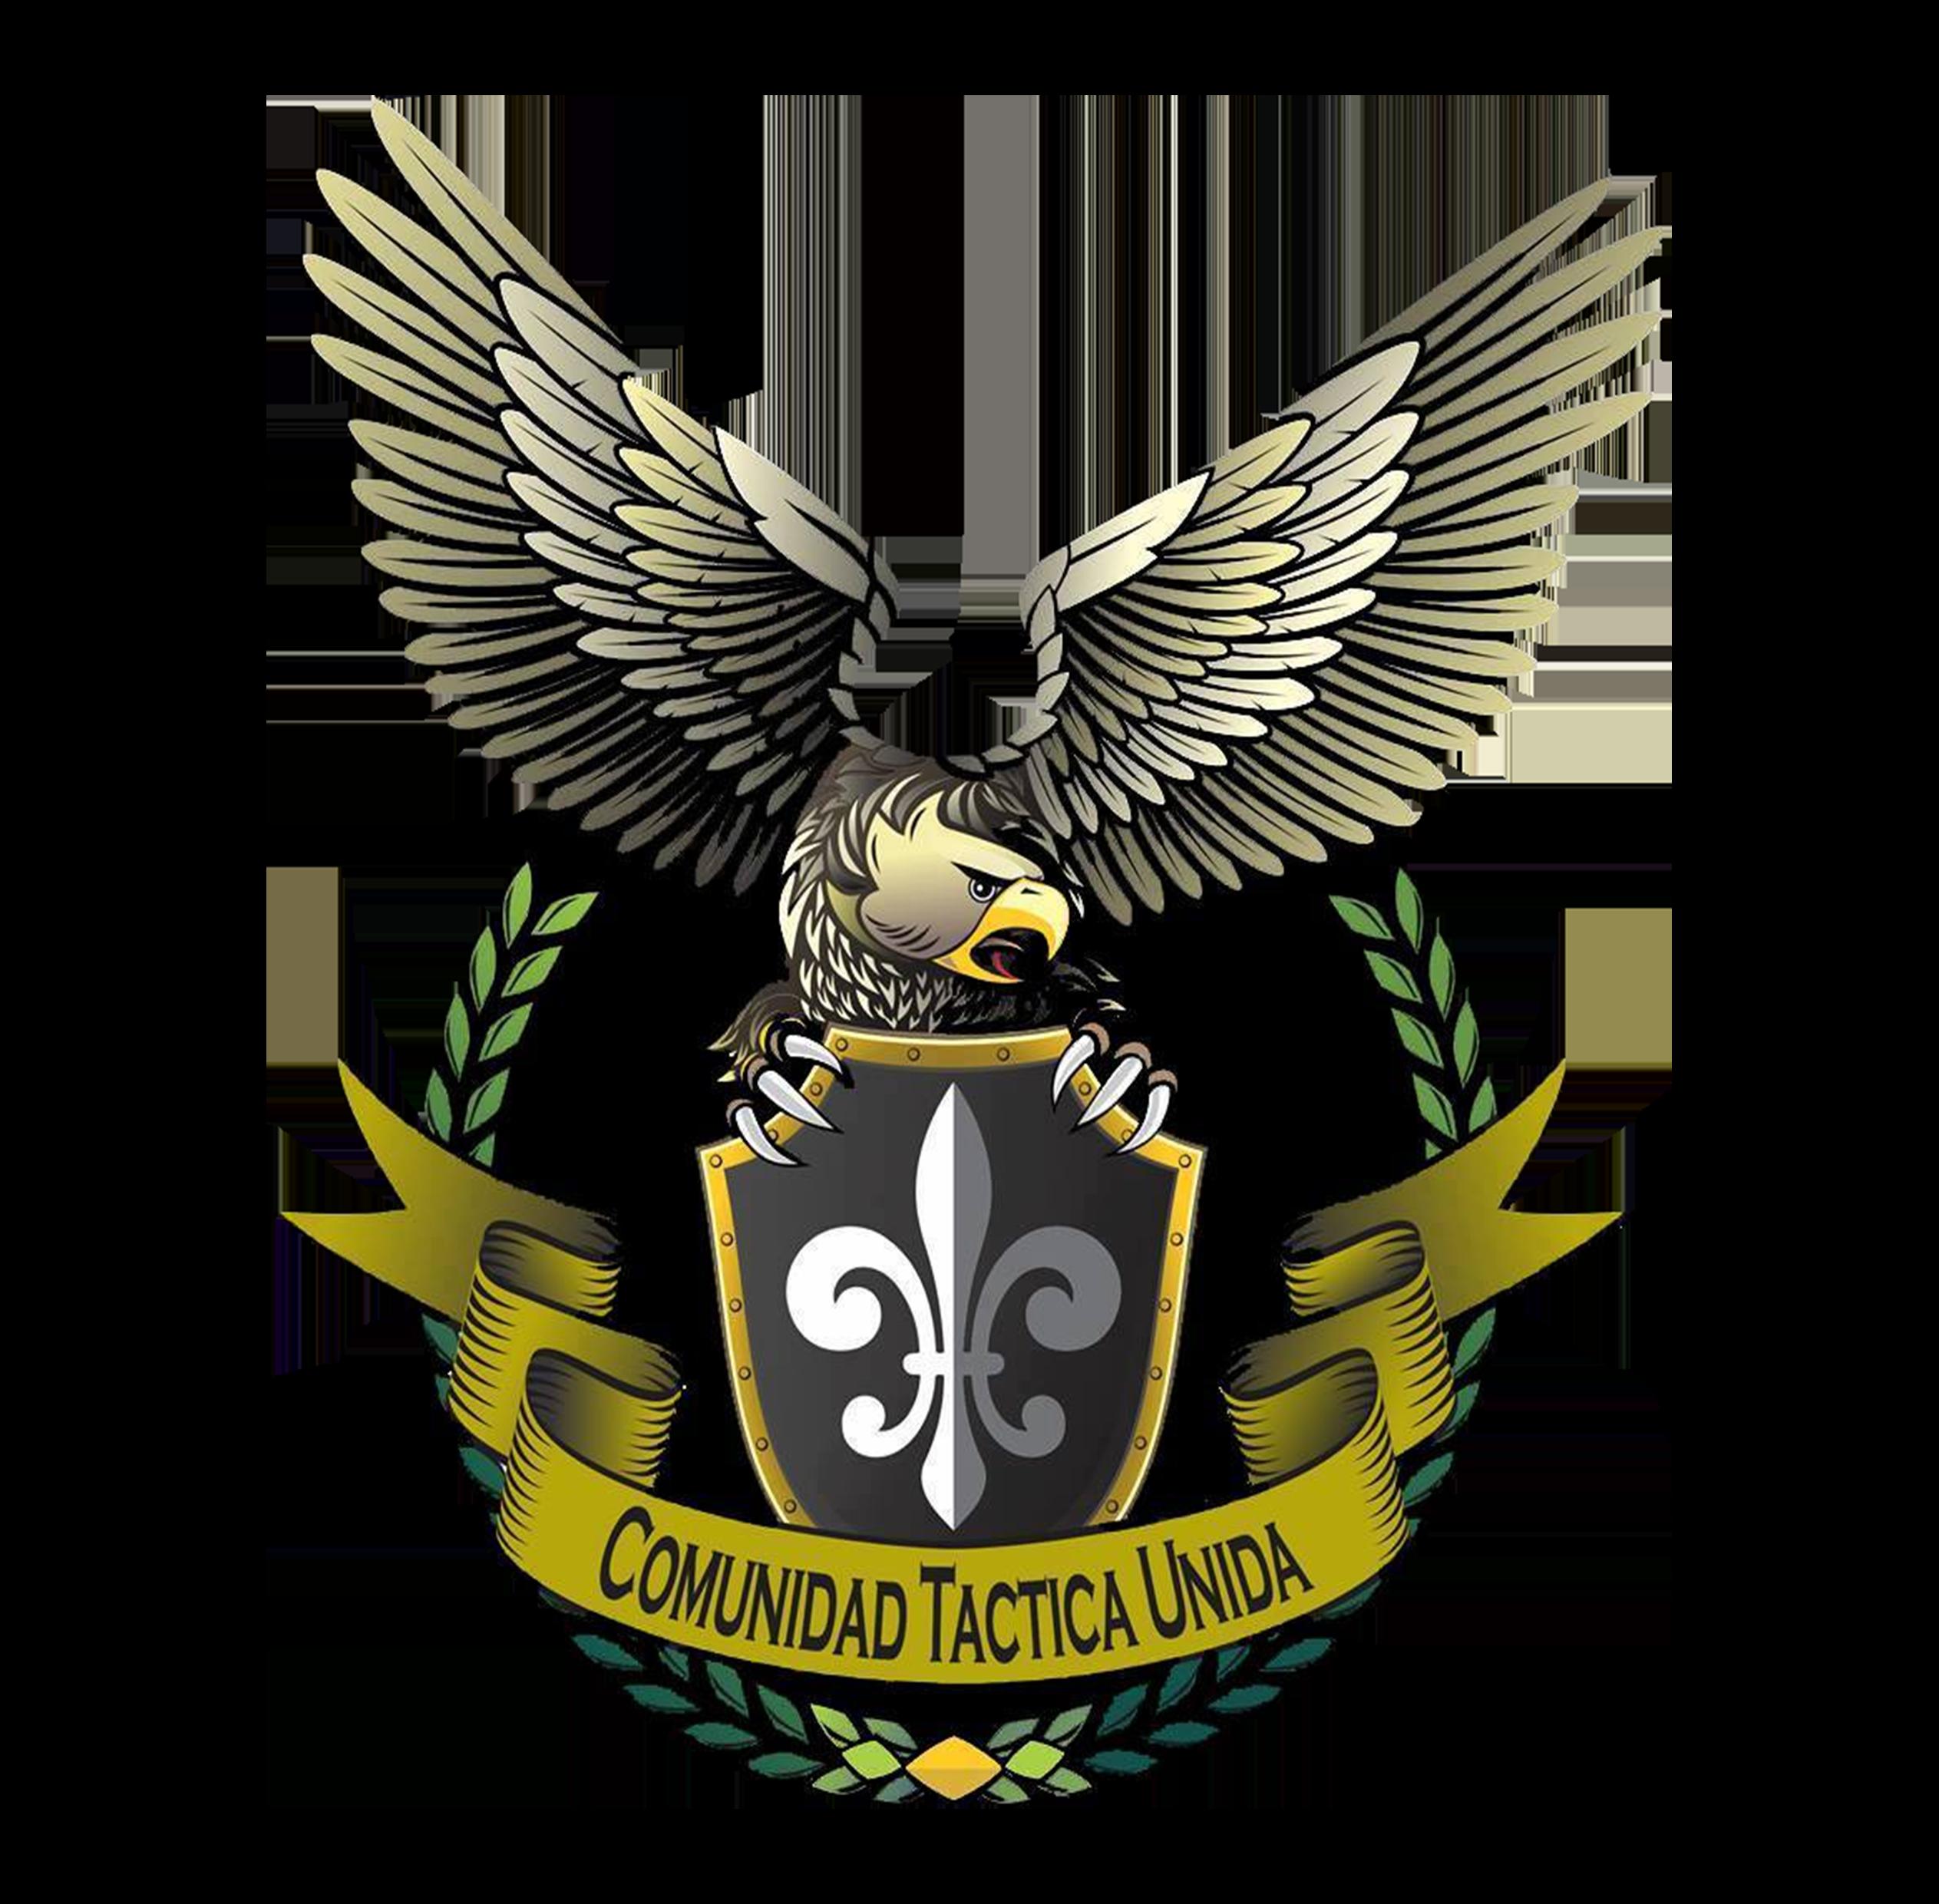 Comunidad Tactica Unida (CTU)